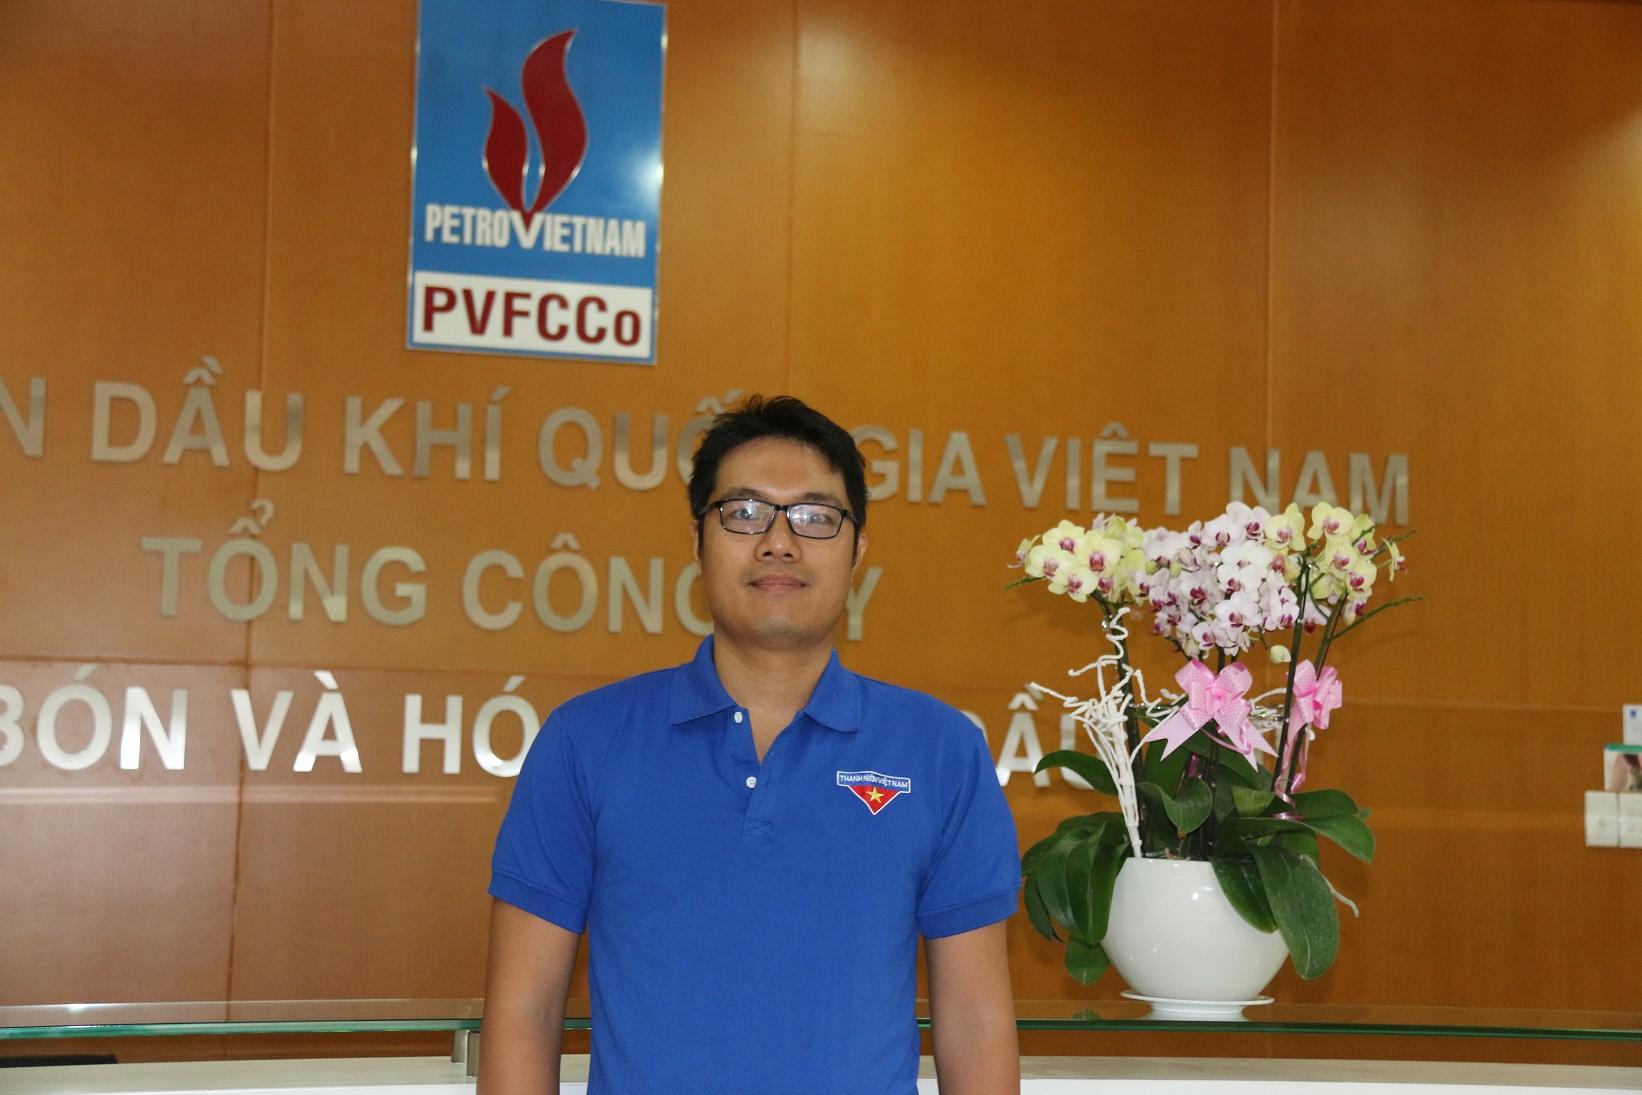 Những người thợ trẻ giỏi của PVFCCo  - Ảnh 3